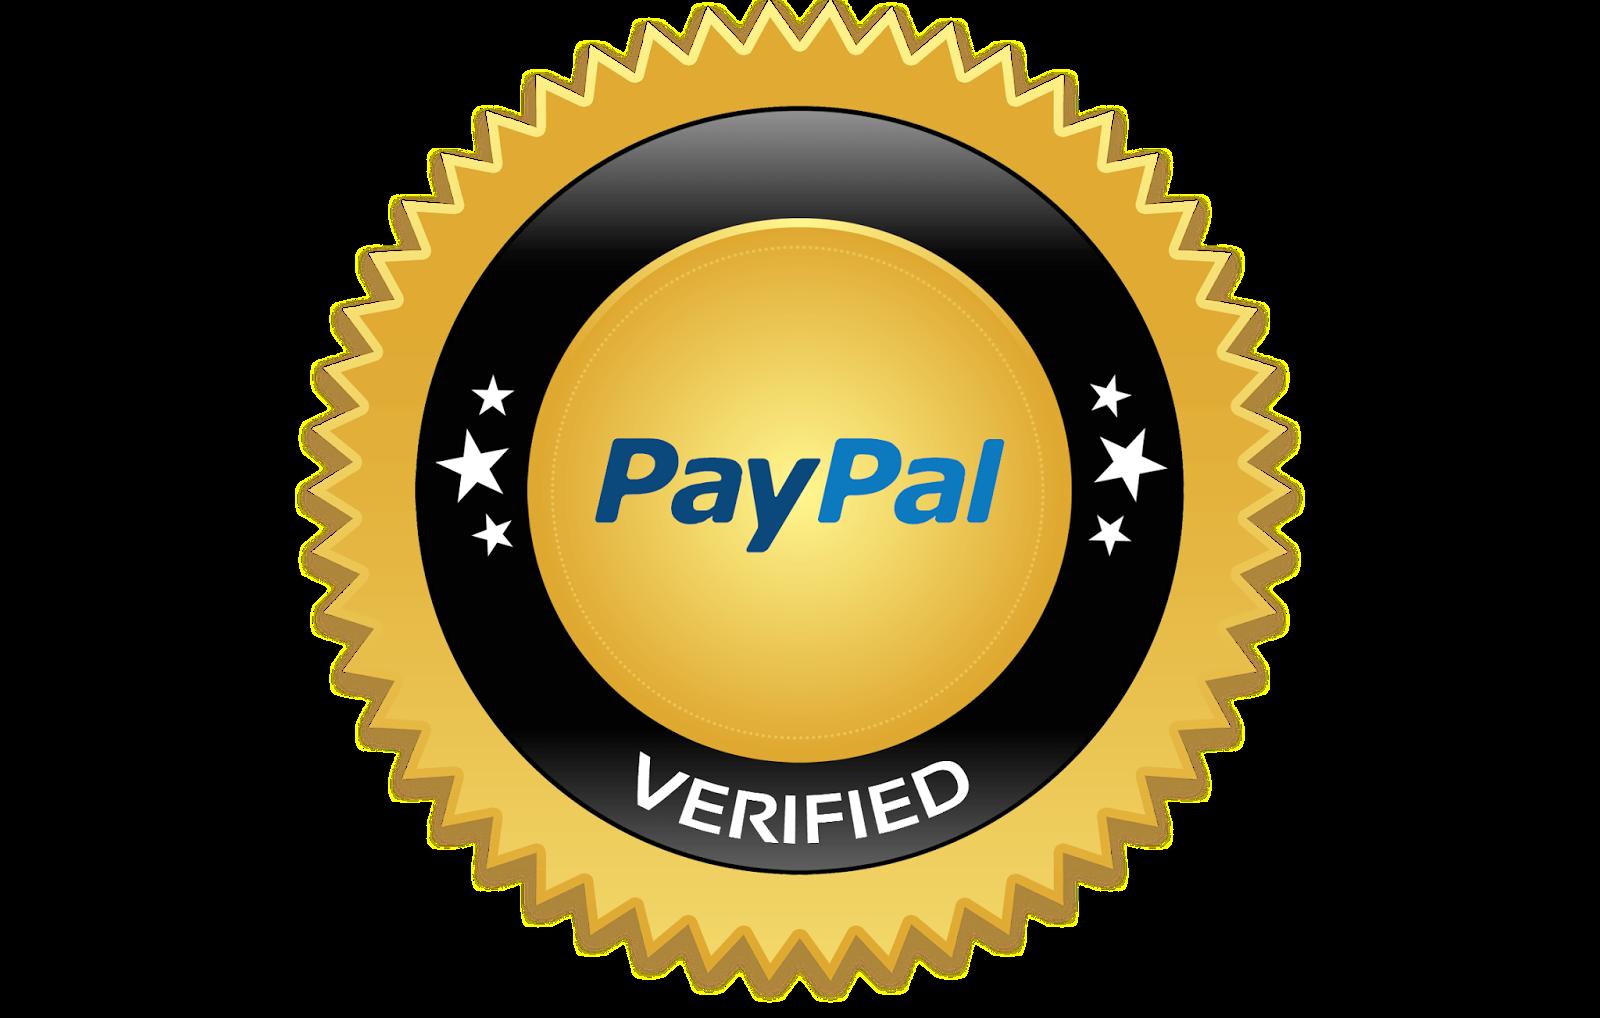 Sun Go Blog December 2015 V C Verifikasi Paypal Garansi Sampai Bisa Verified